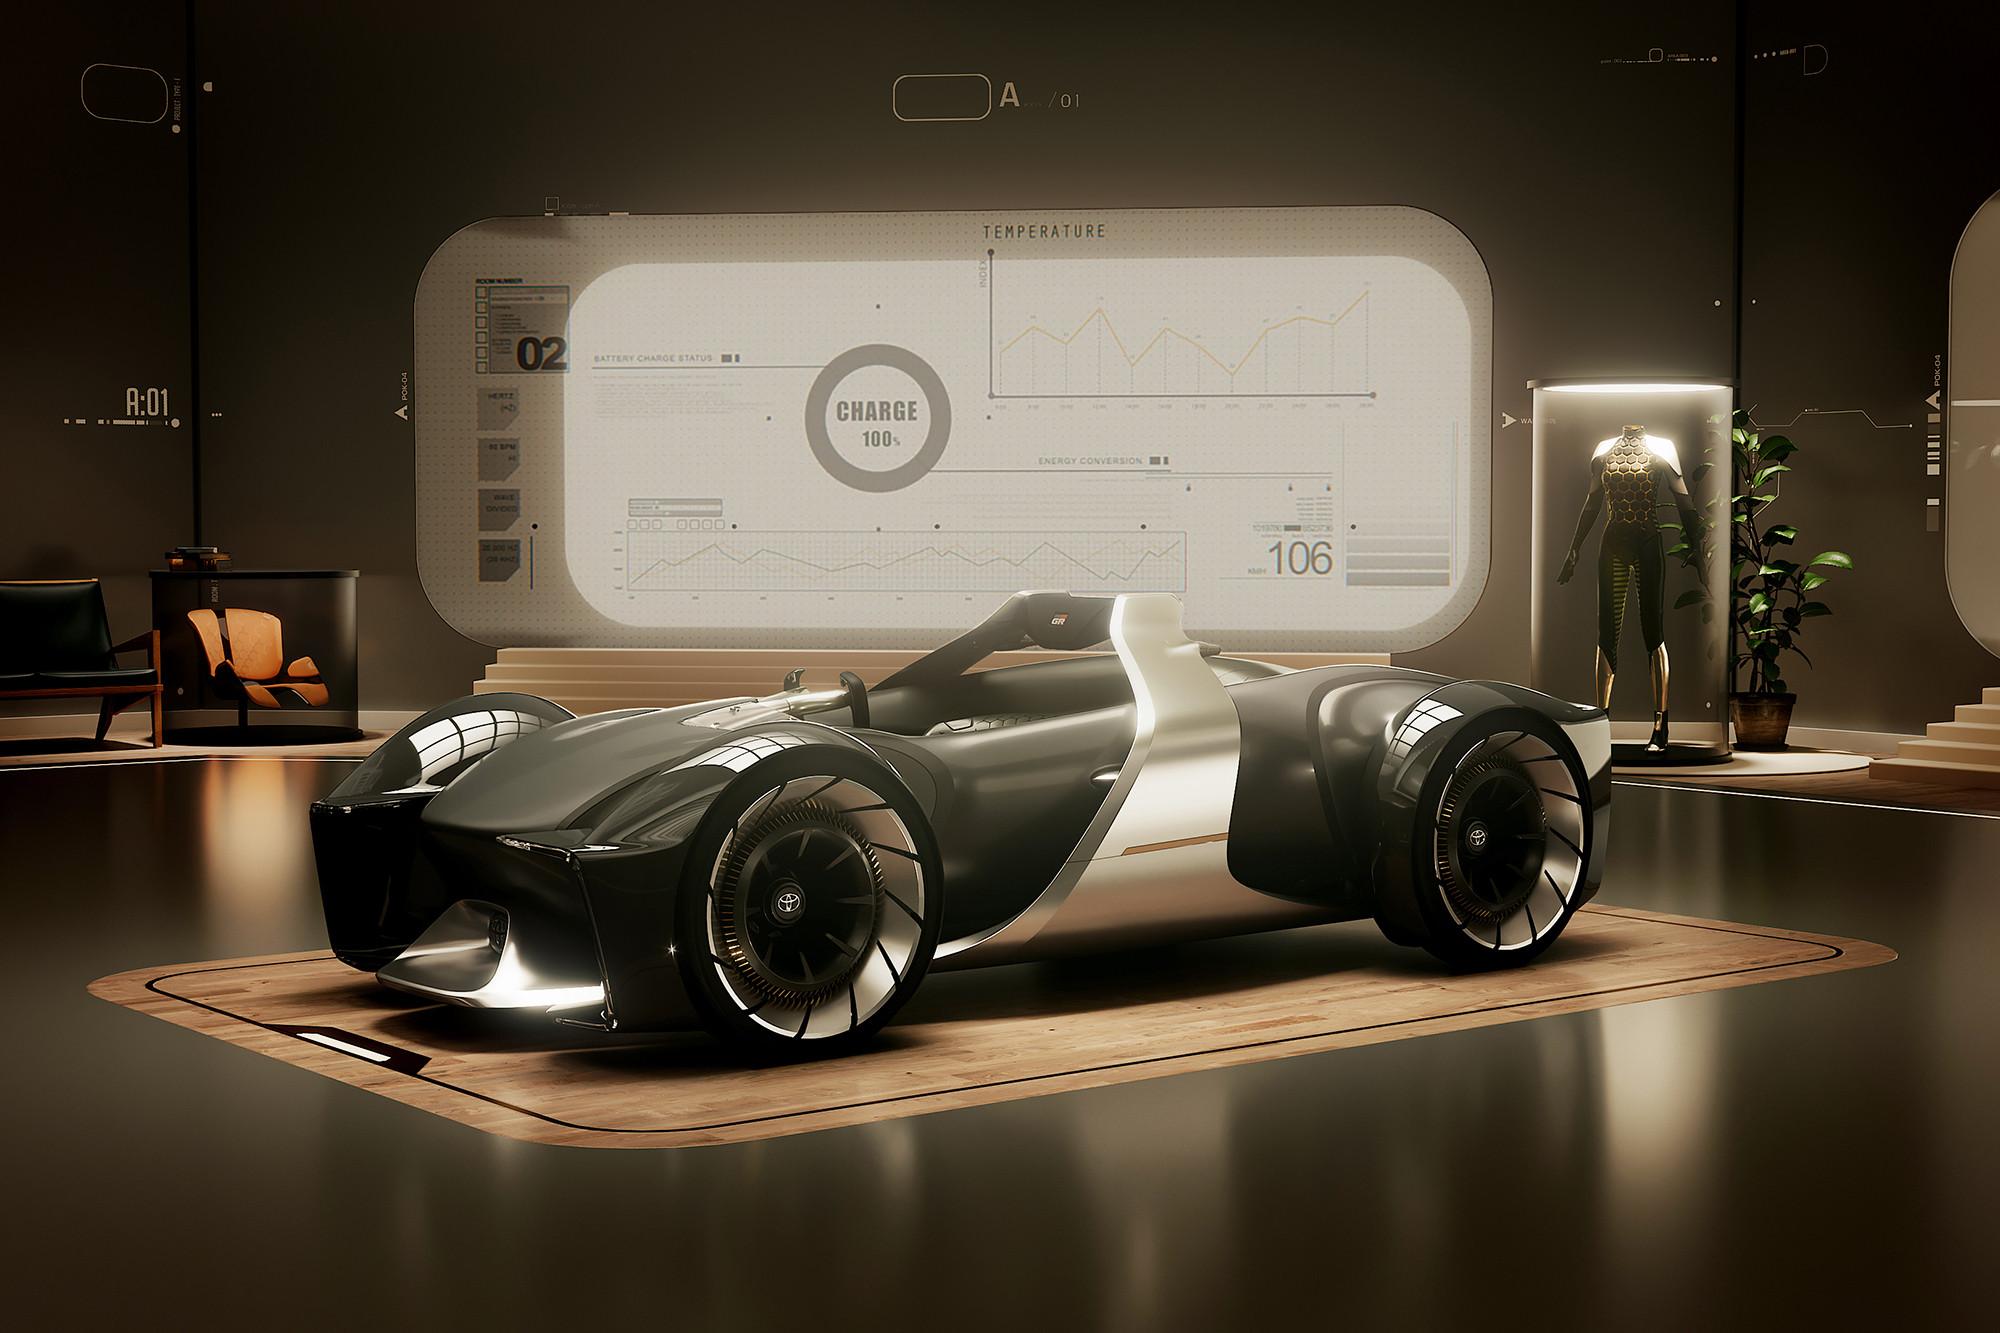 toyota-e-racer-concept-2019-exterior-black-white.jpg